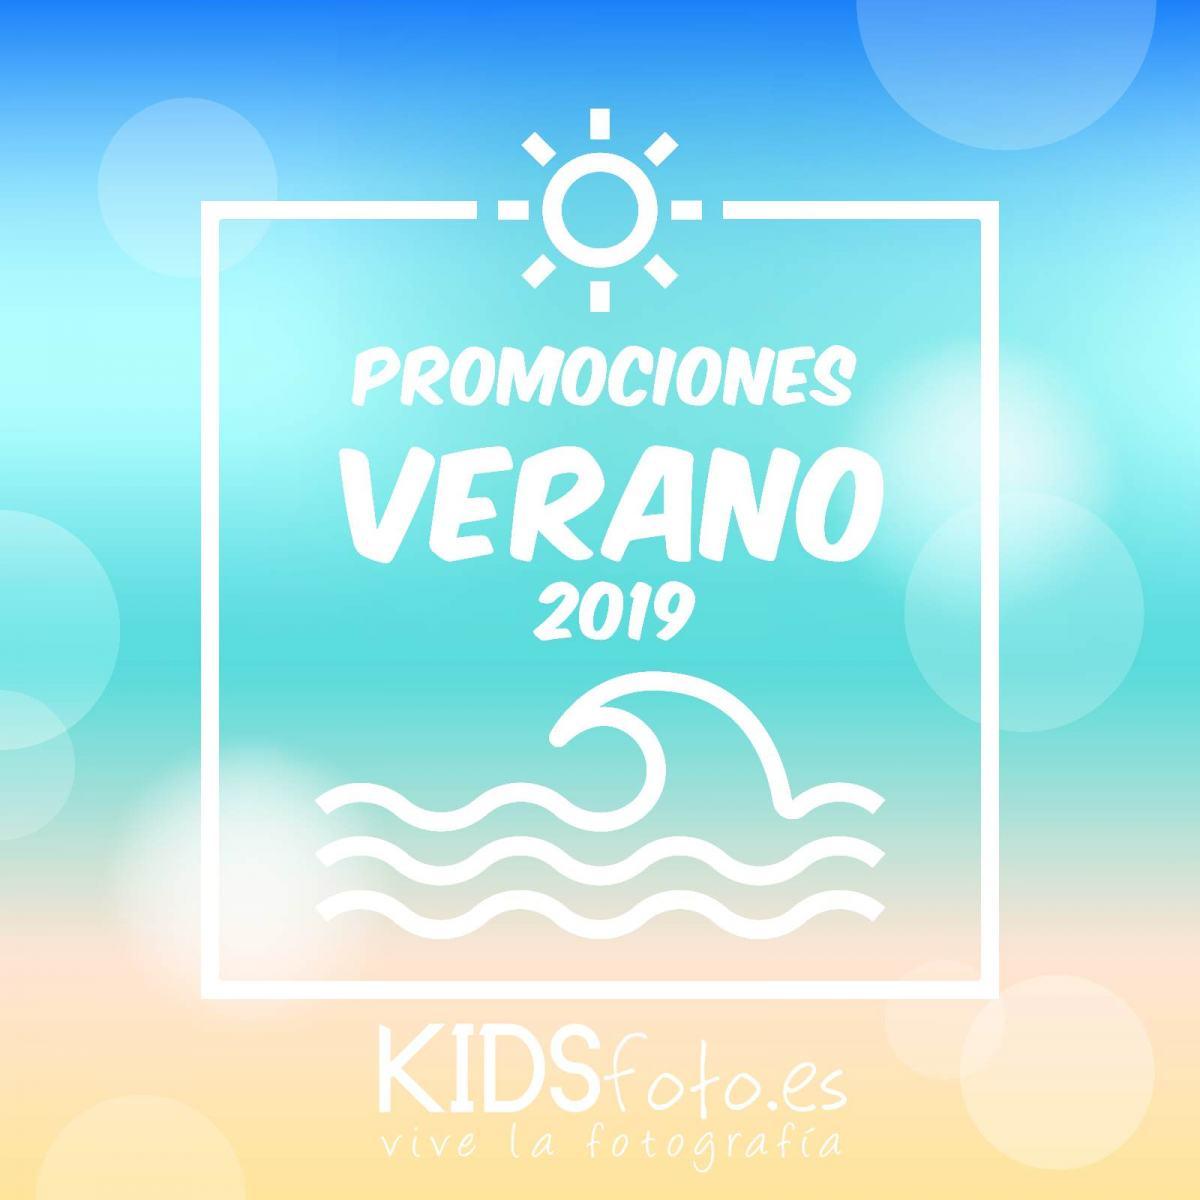 kidsfoto.es PROMOCIONES DE VERANO date prisa, fotografía familiar e infantil